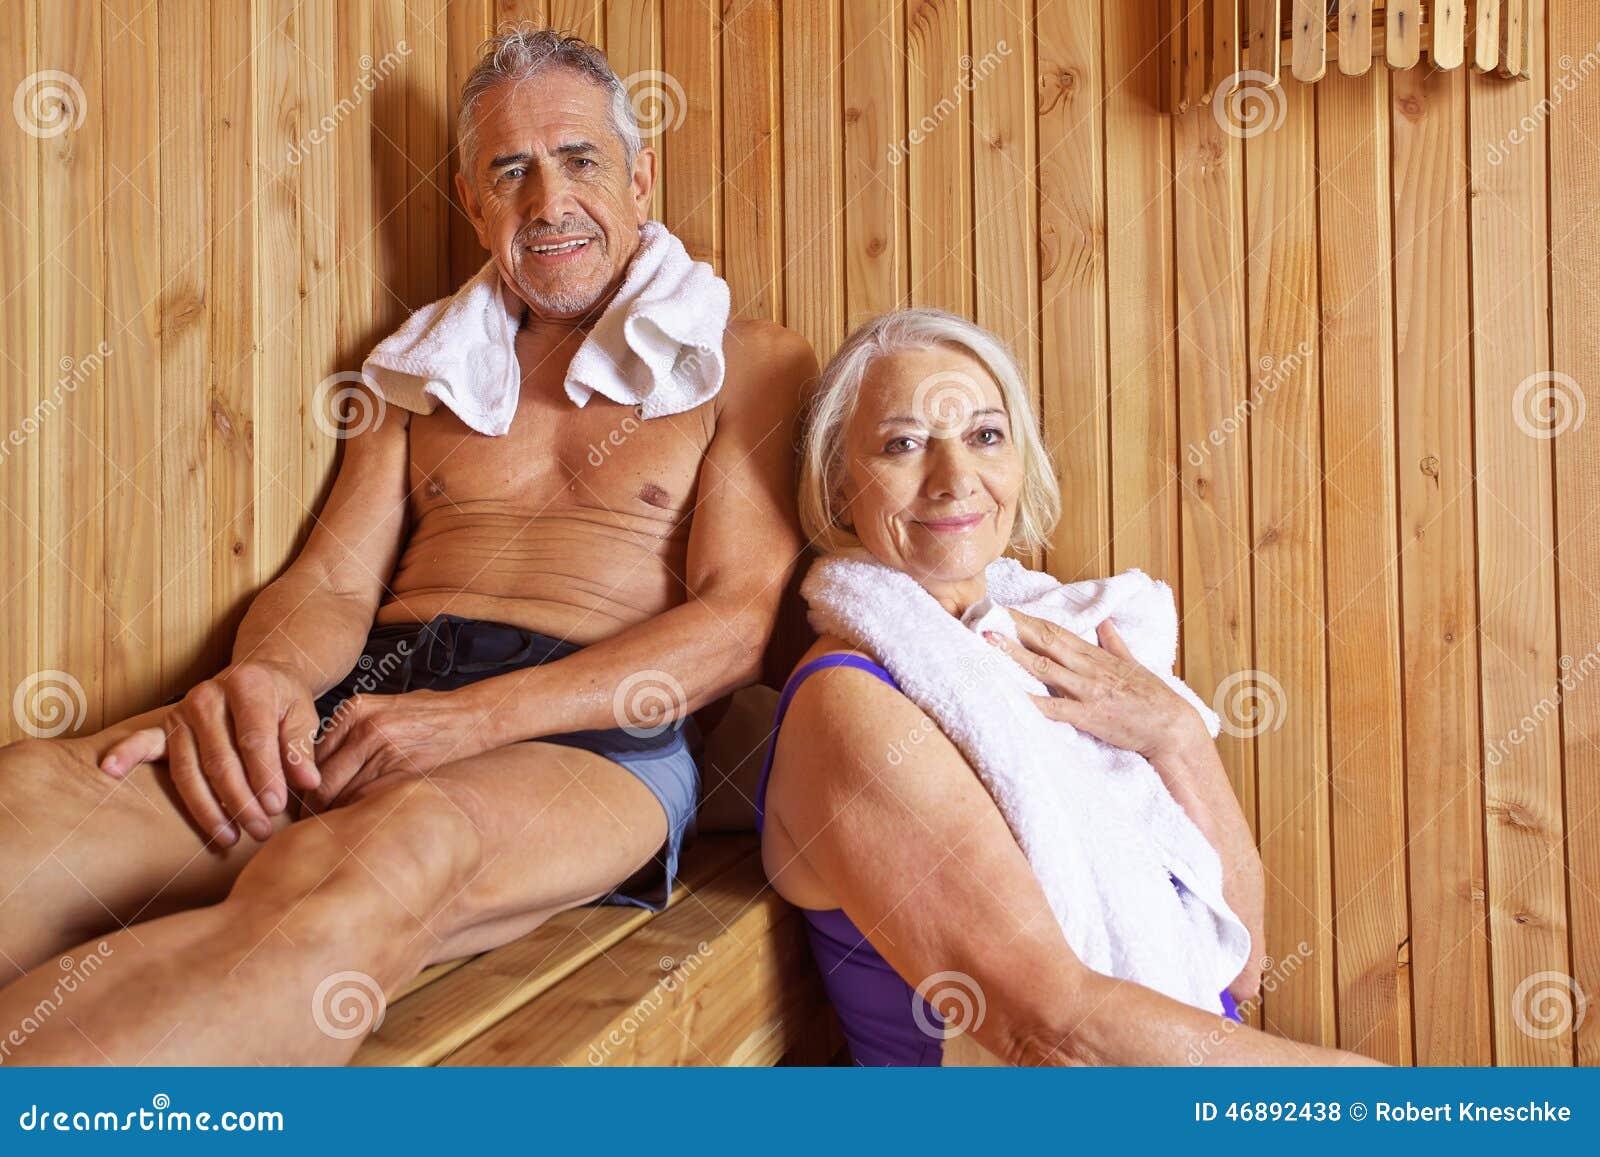 Секс двух пар молодой и пожилой, Пара Молодая Зрелая - Bub Porn -порно видео 25 фотография